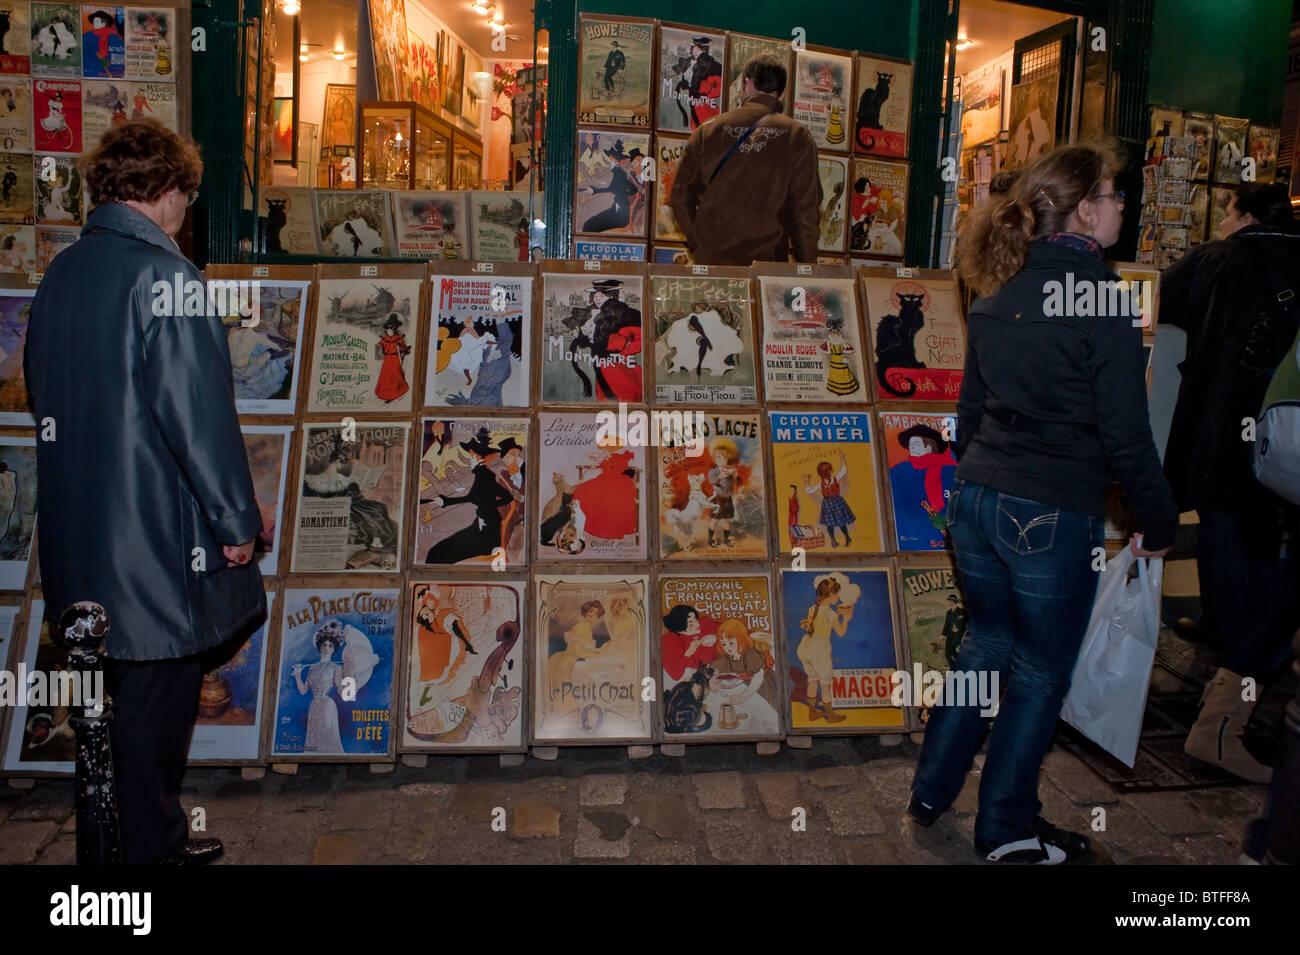 Paris, France, scène de rue, les gens se rendant sur Montmartre, Paris, peintures souvenirs pour touristes français Banque D'Images